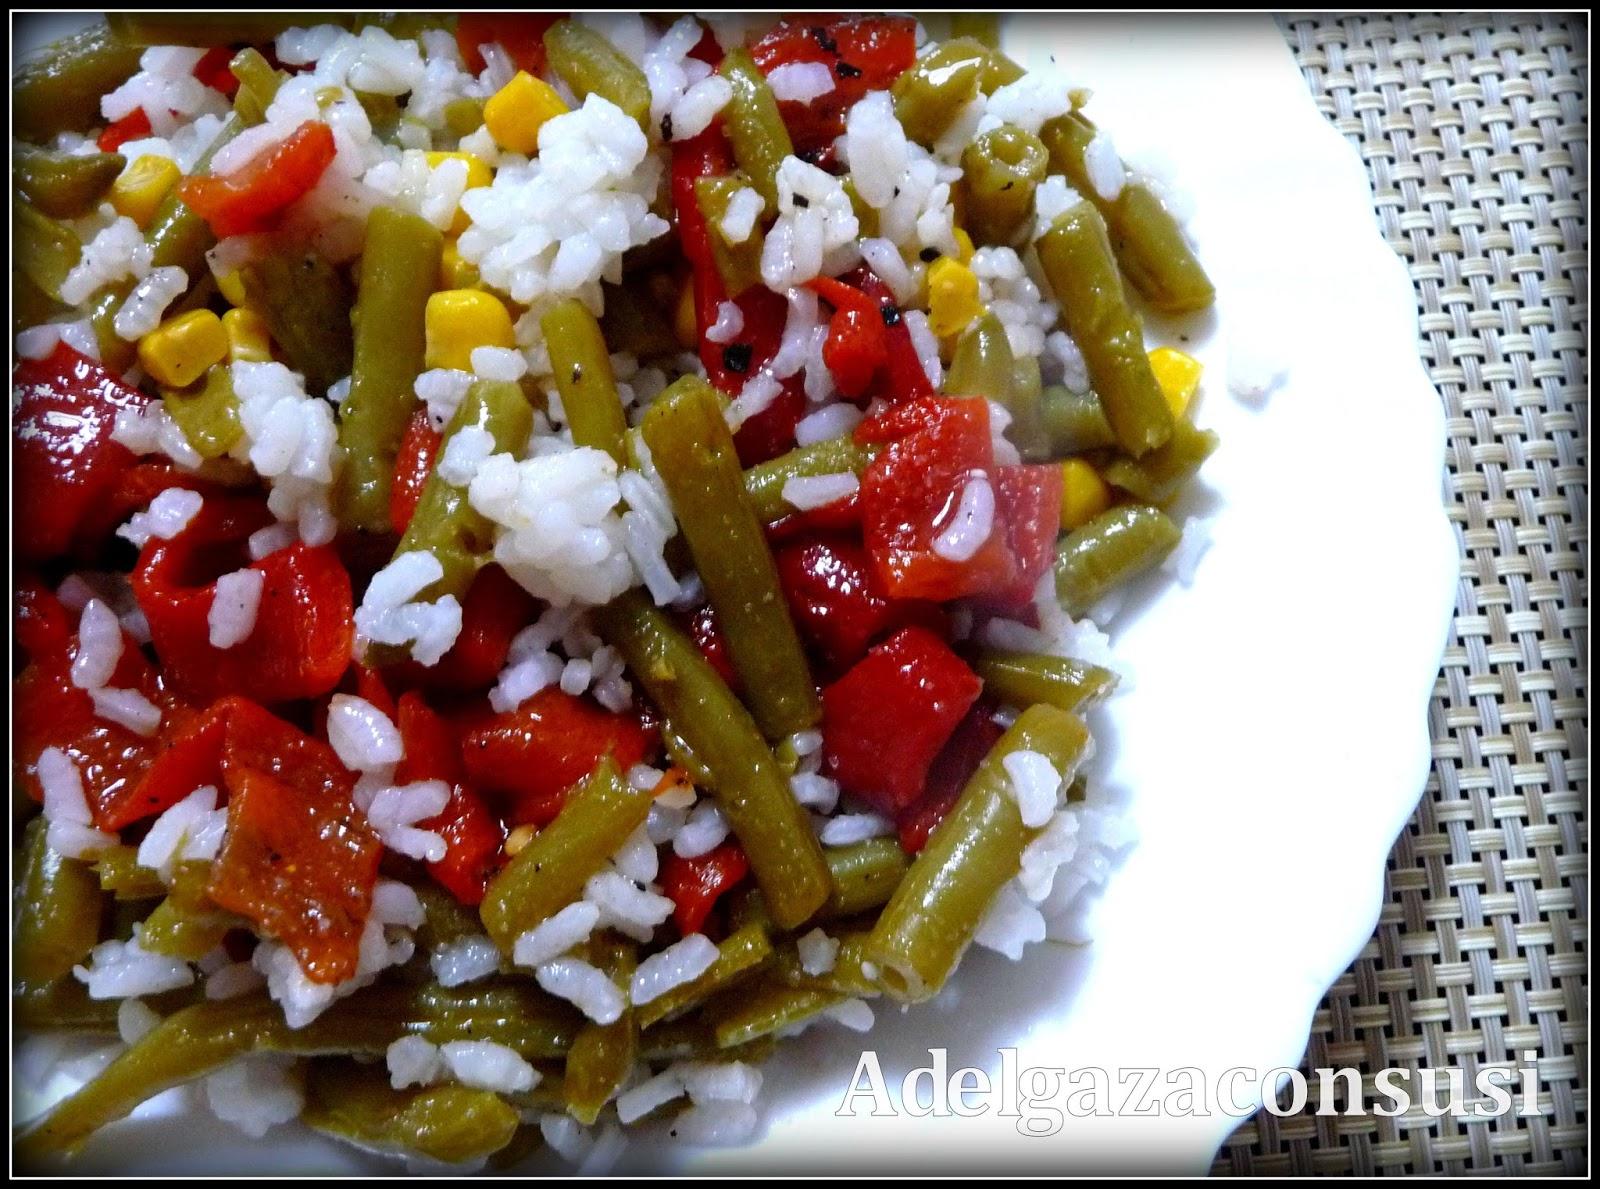 Recetas light adelgazaconsusi ensalada de arroz tricolor - Ensalada de arroz light ...